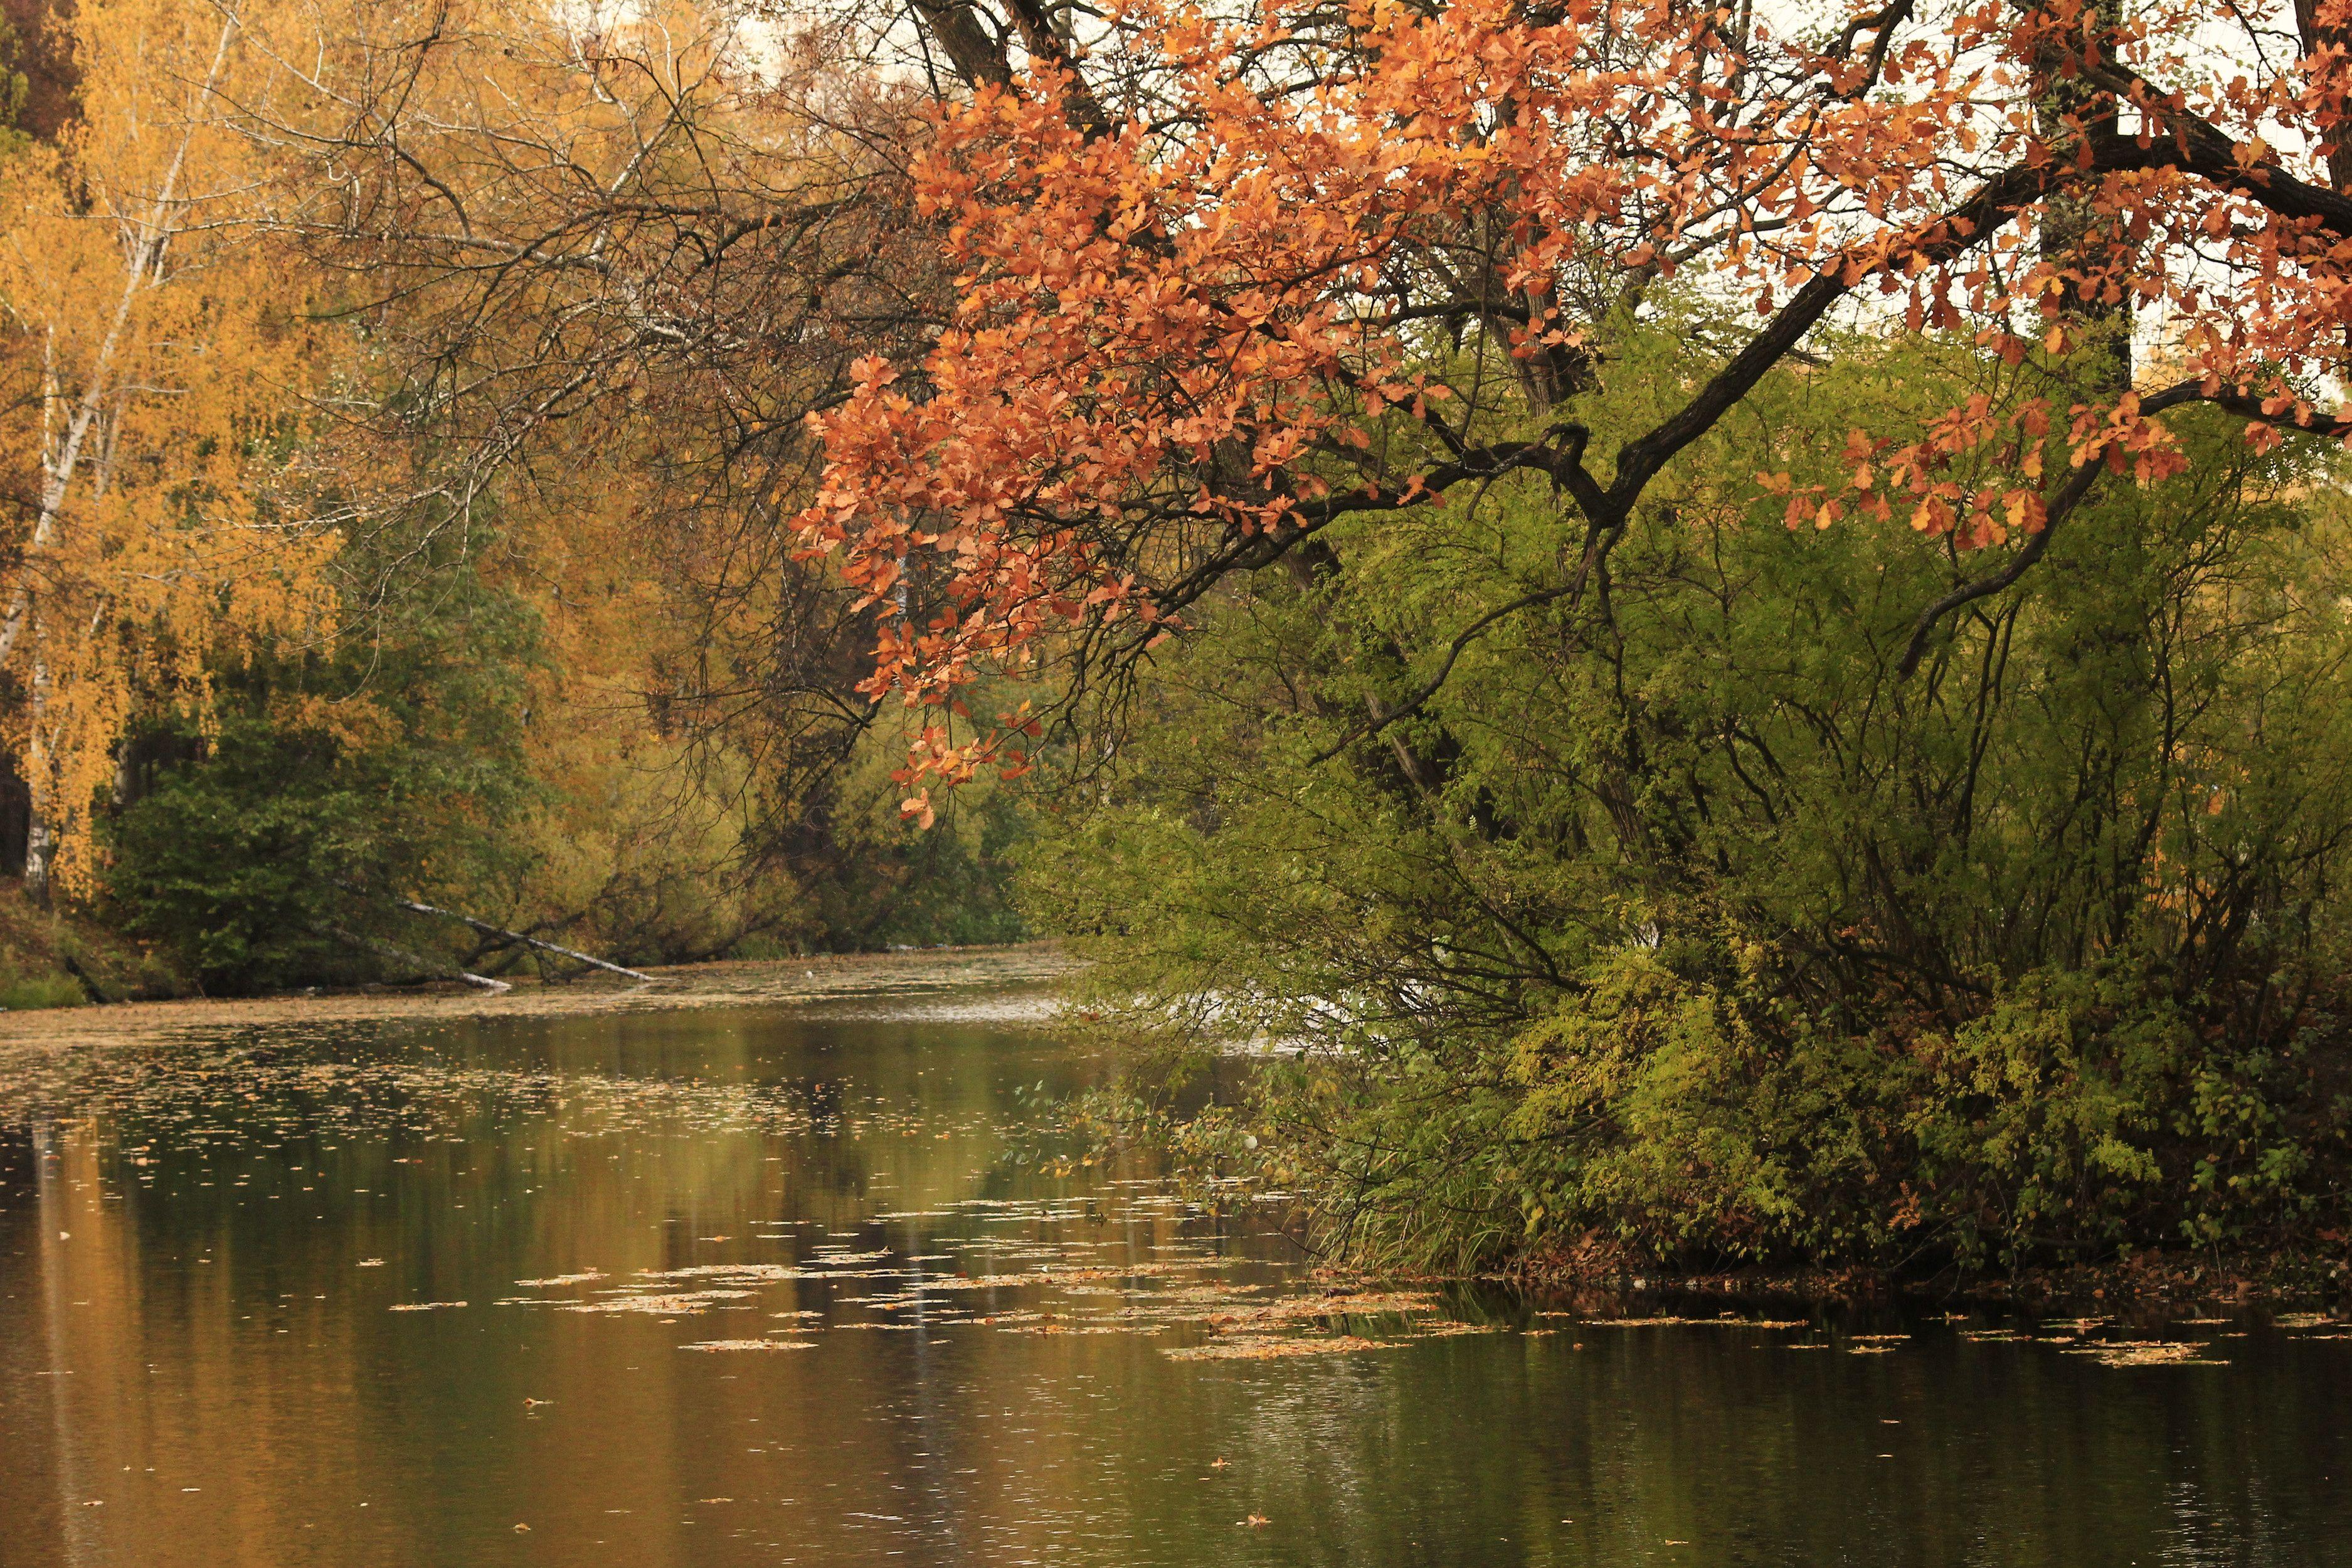 природа деревья река осень бесплатно